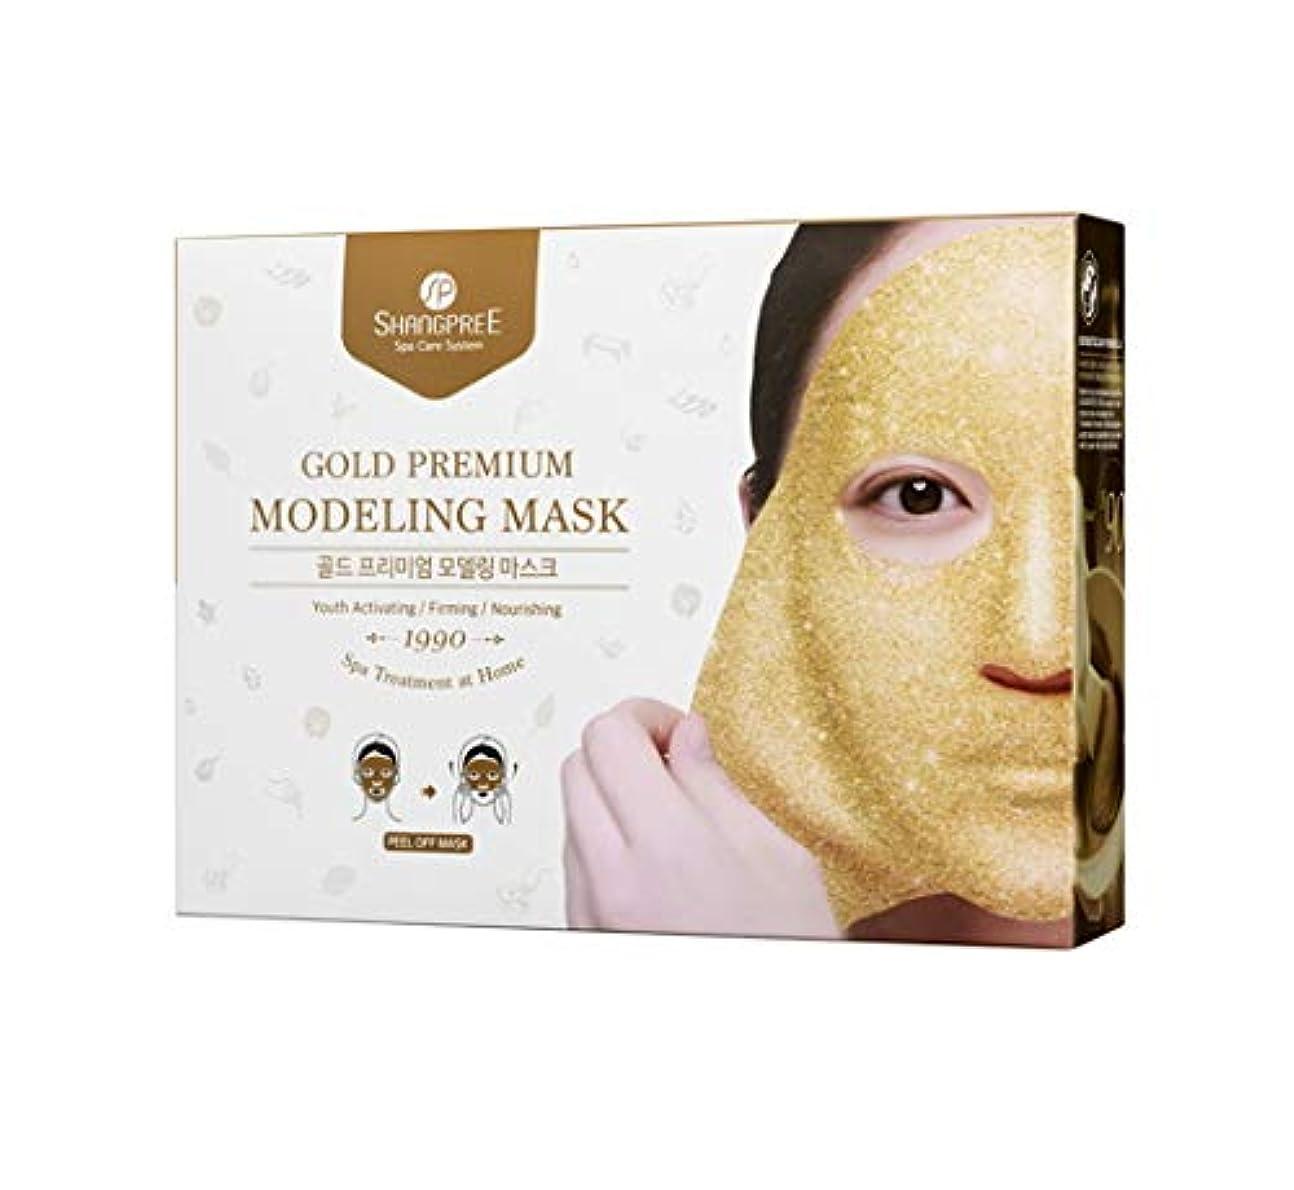 留まる辞任する恐竜Shangpree プレミアムゴールドモデリングマスク 5枚 gold premium modeling mask 5ea (並行輸入品)